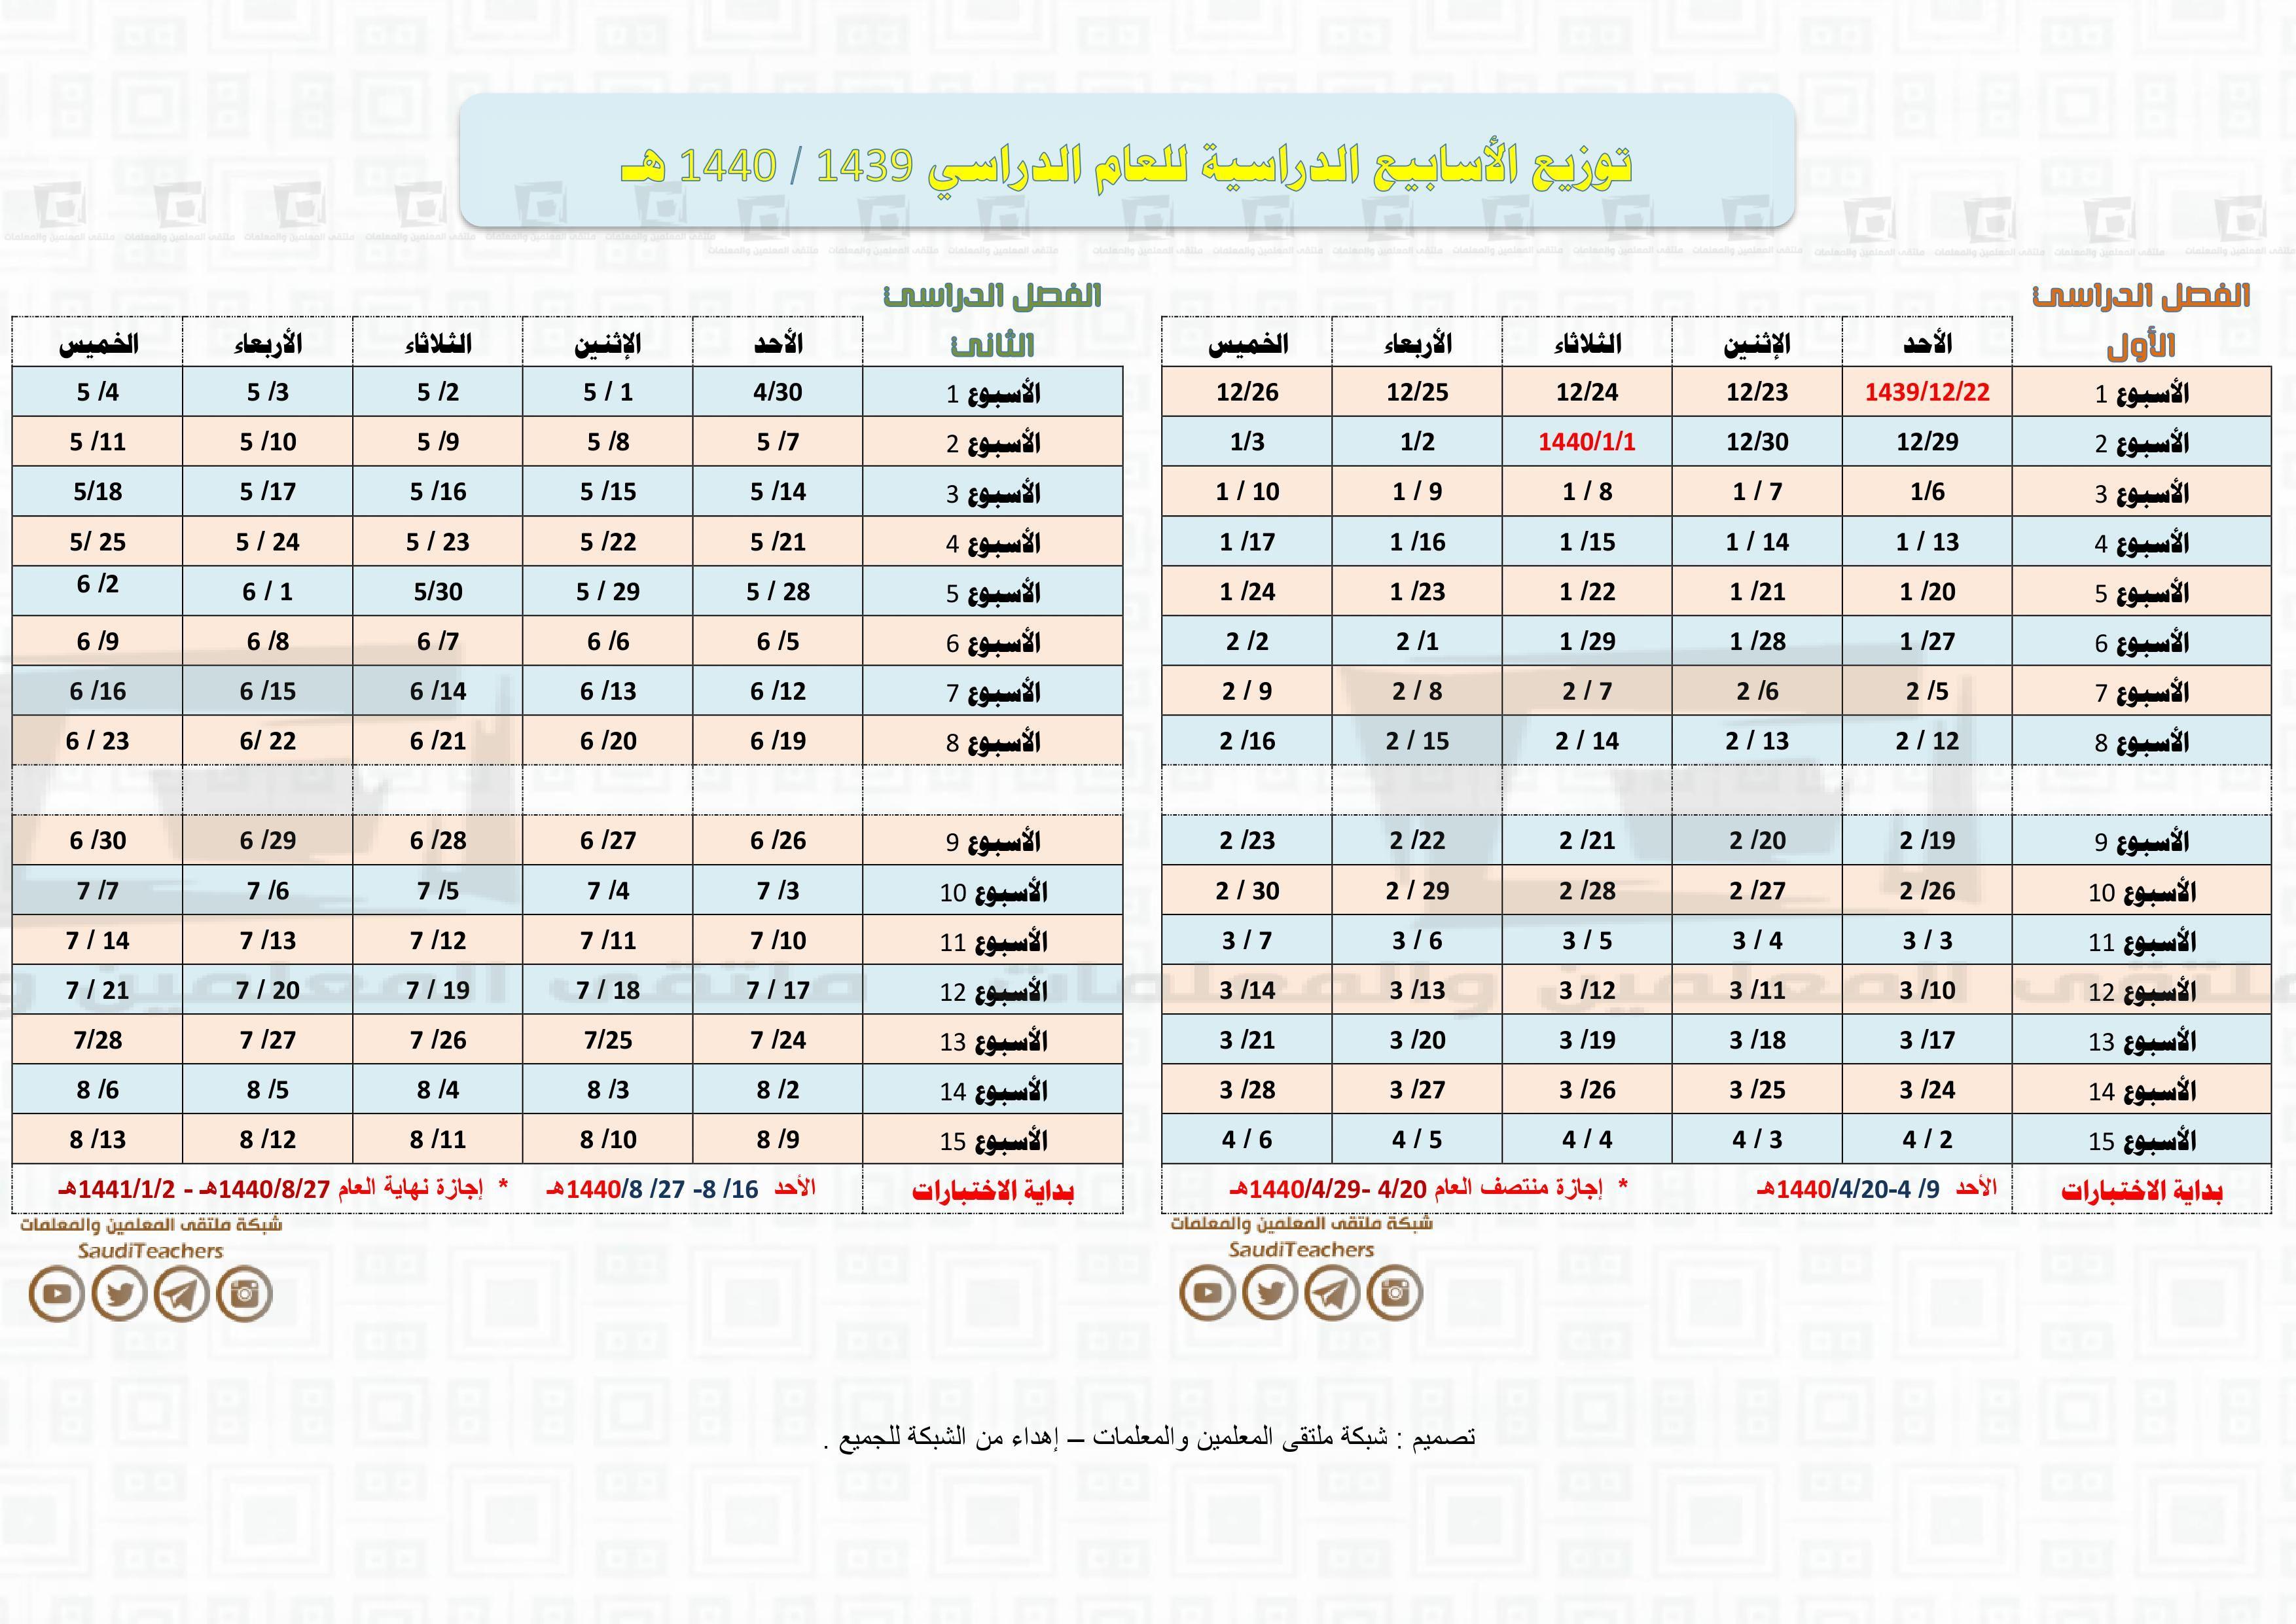 توزيع الأسابيع الدراسية فصل أول وفصل ثاني للعام الدراسي 1439 1440 هـ ملتقى المعلمين والمعلمات Search Periodic Table